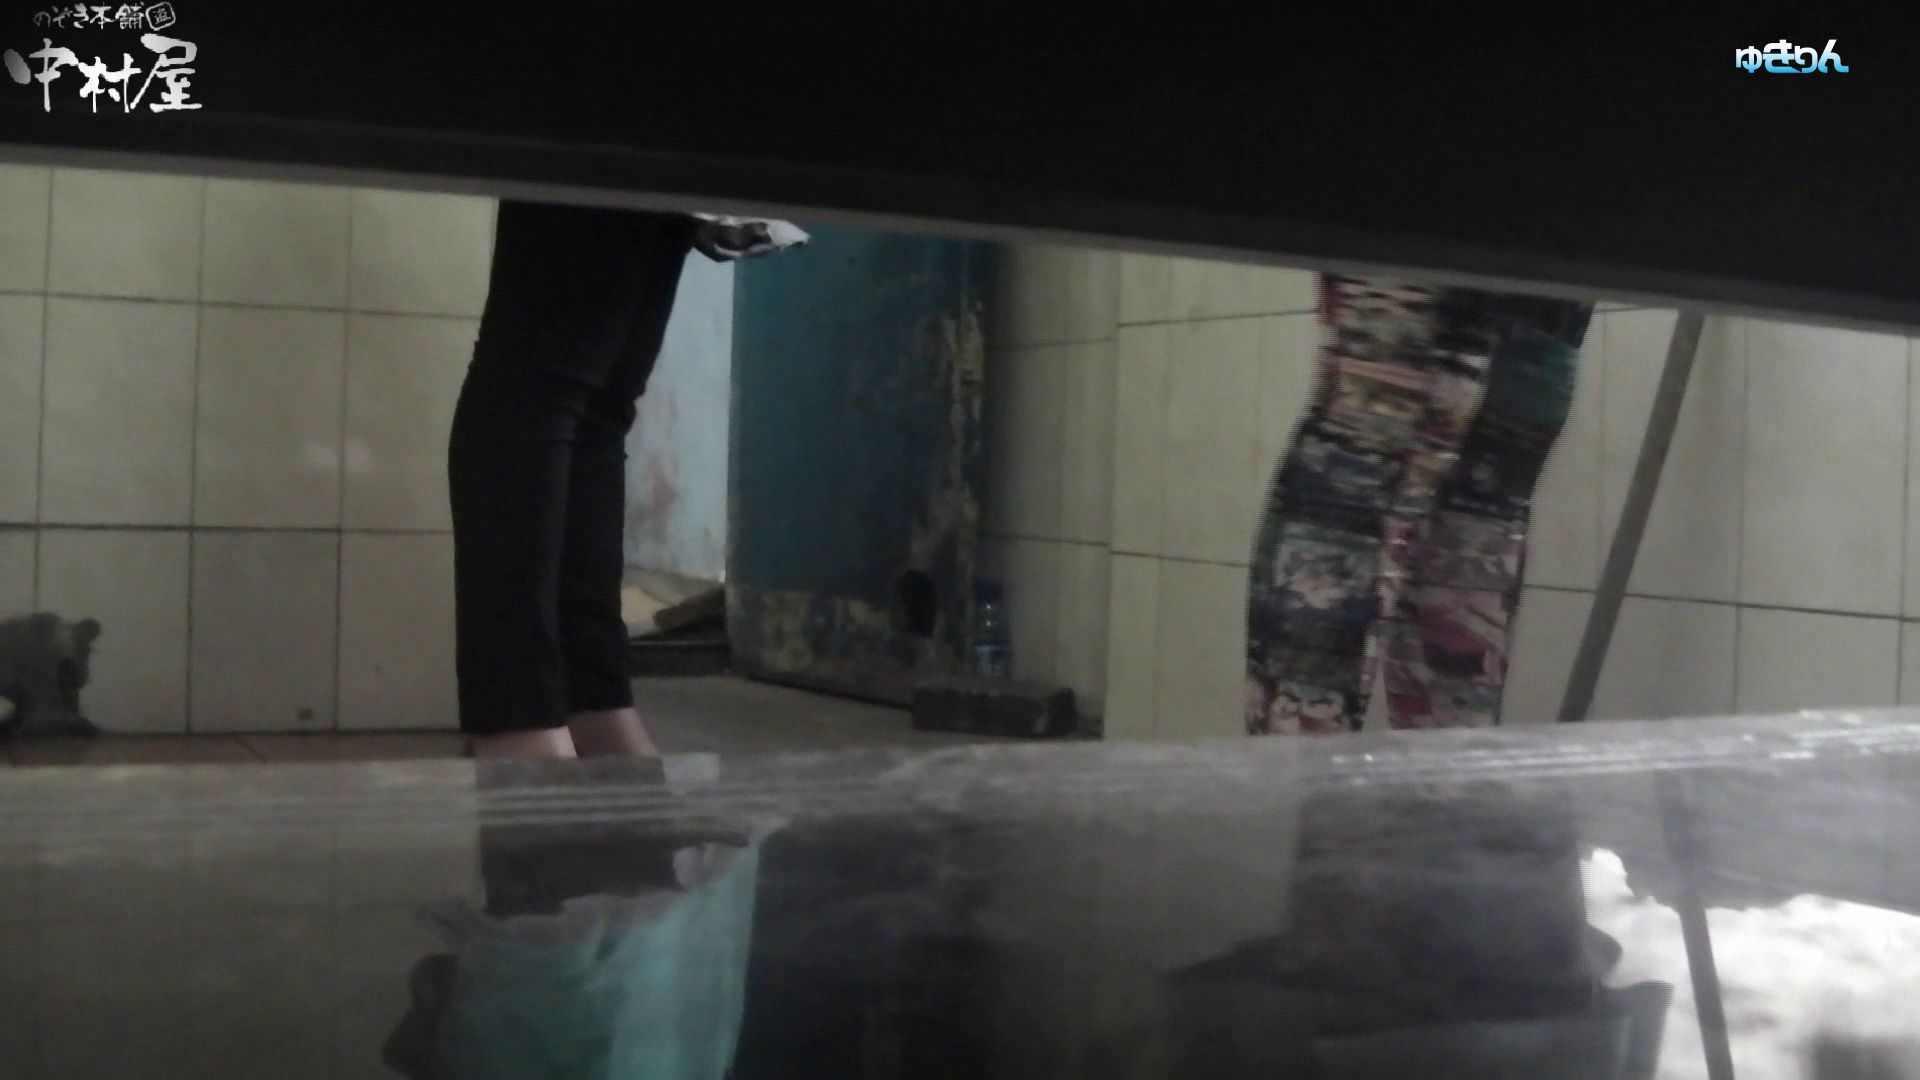 世界の射窓から~ステーション編 vol58 0.1%の確率!!吸い付こまれるプレミアム聖地 おまんこ見放題 | 盗撮シリーズ  80PIX 79